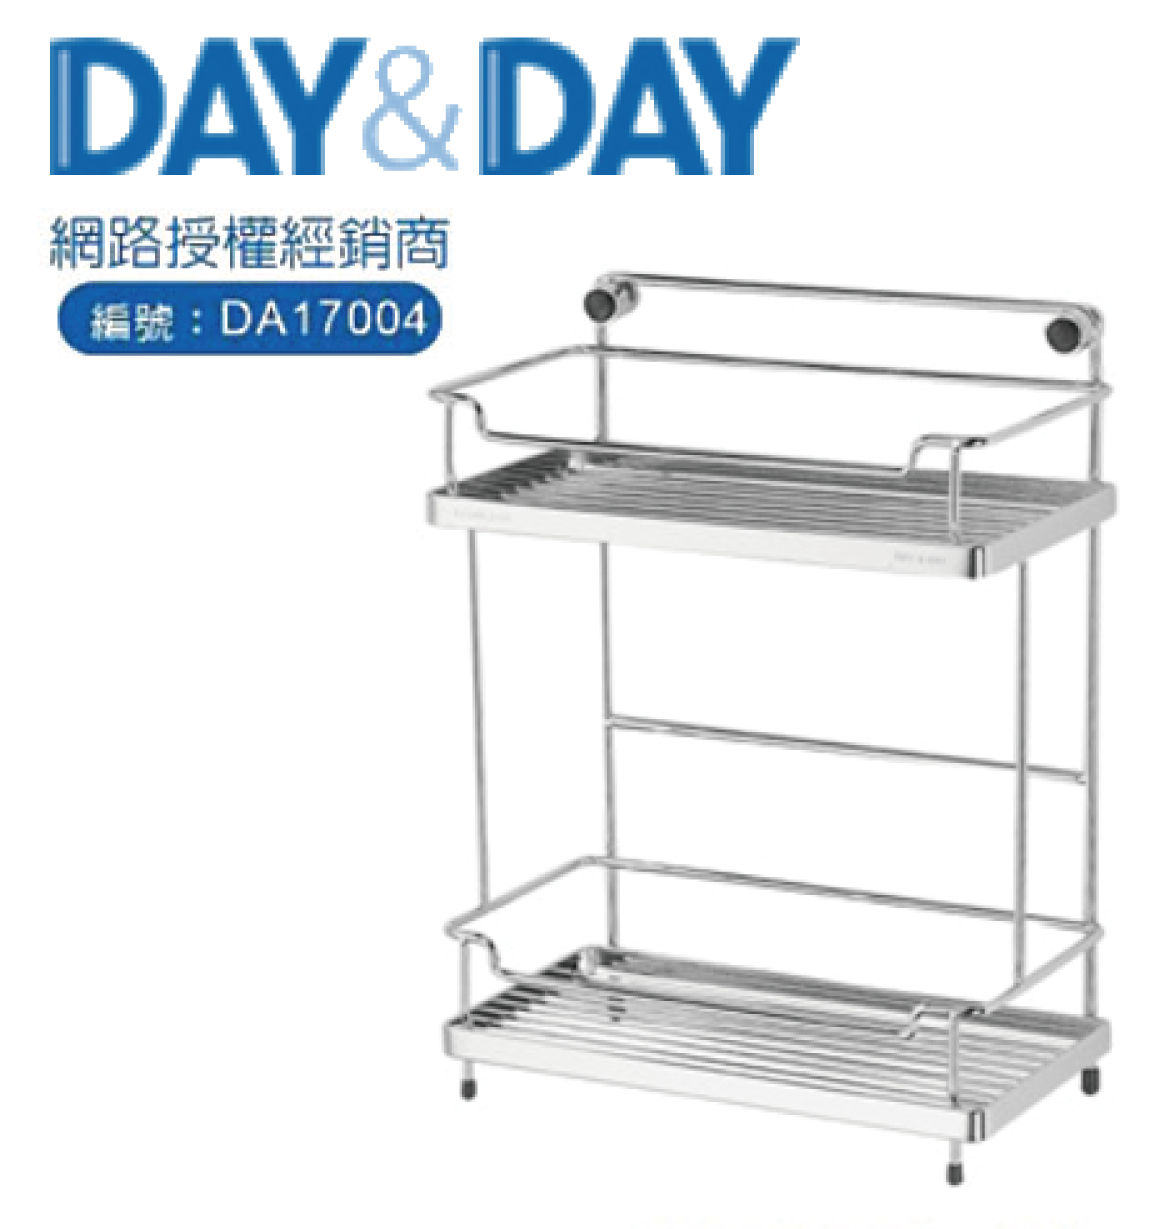 DAY&DAY 小方形-雙層置物架(ST2295S-2H)